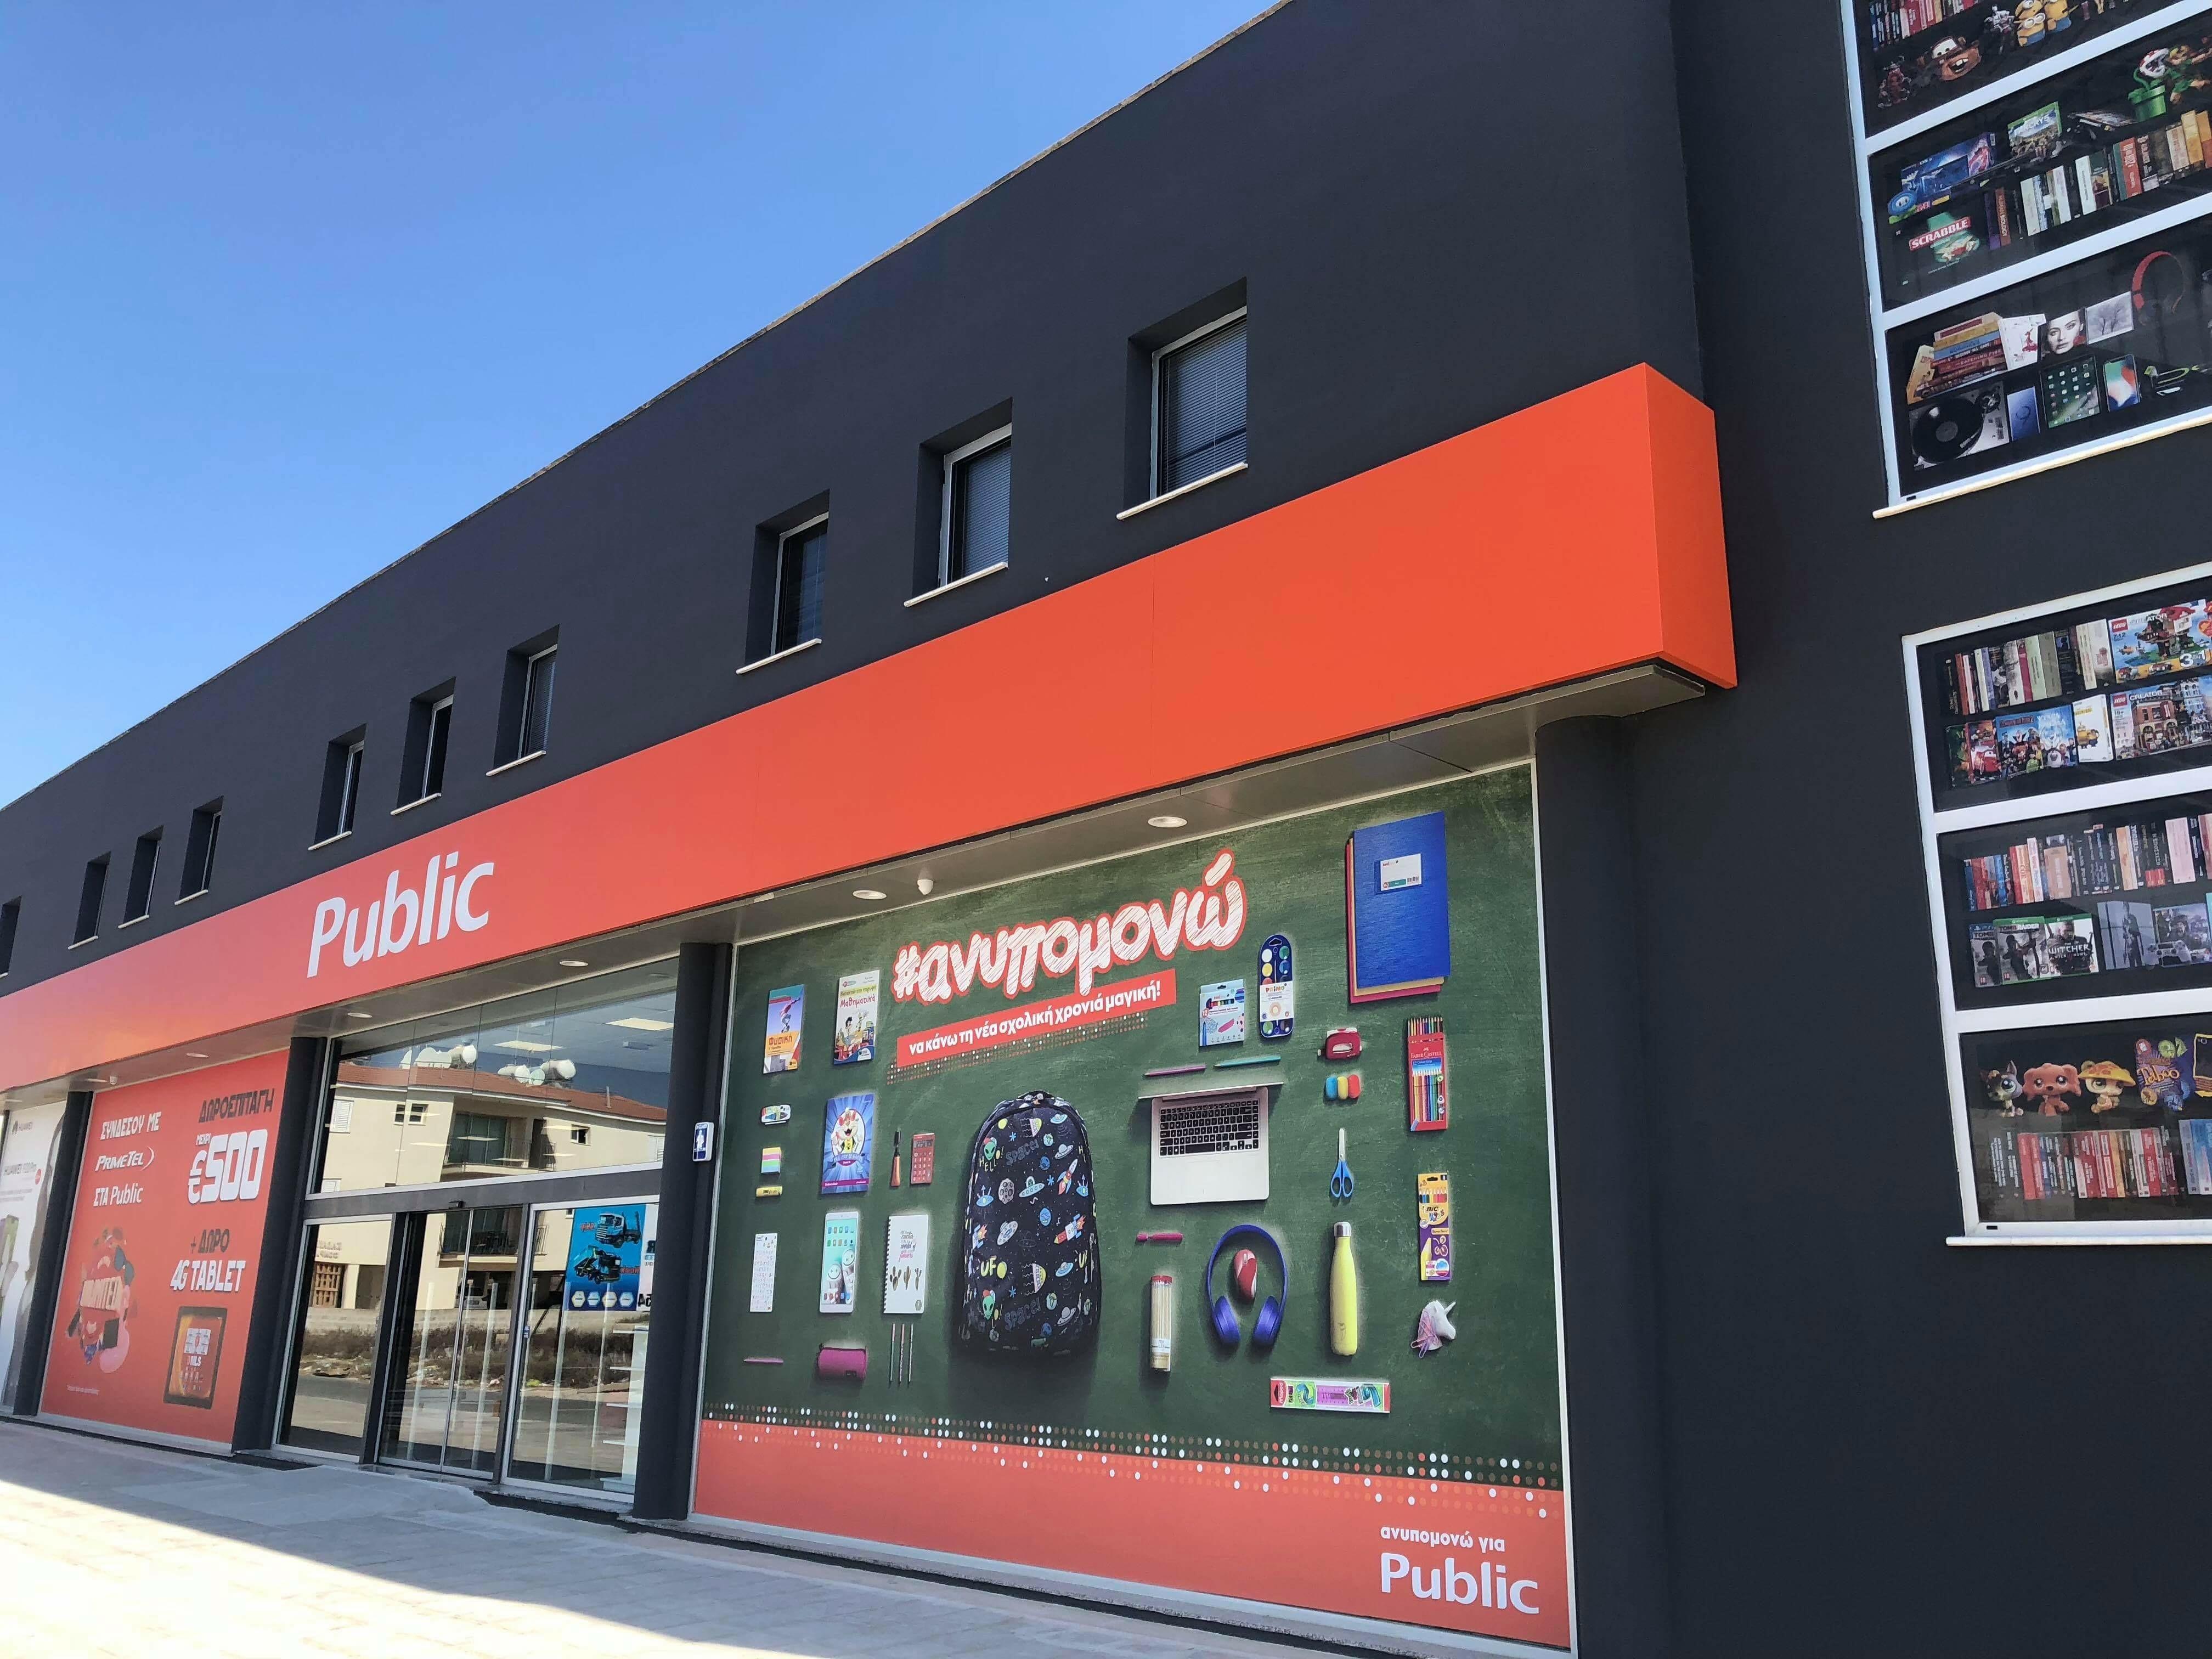 Public: Επέκταση στην αγορά της Κύπρου με το 5ο κατάστημα στο Παραλίμνι